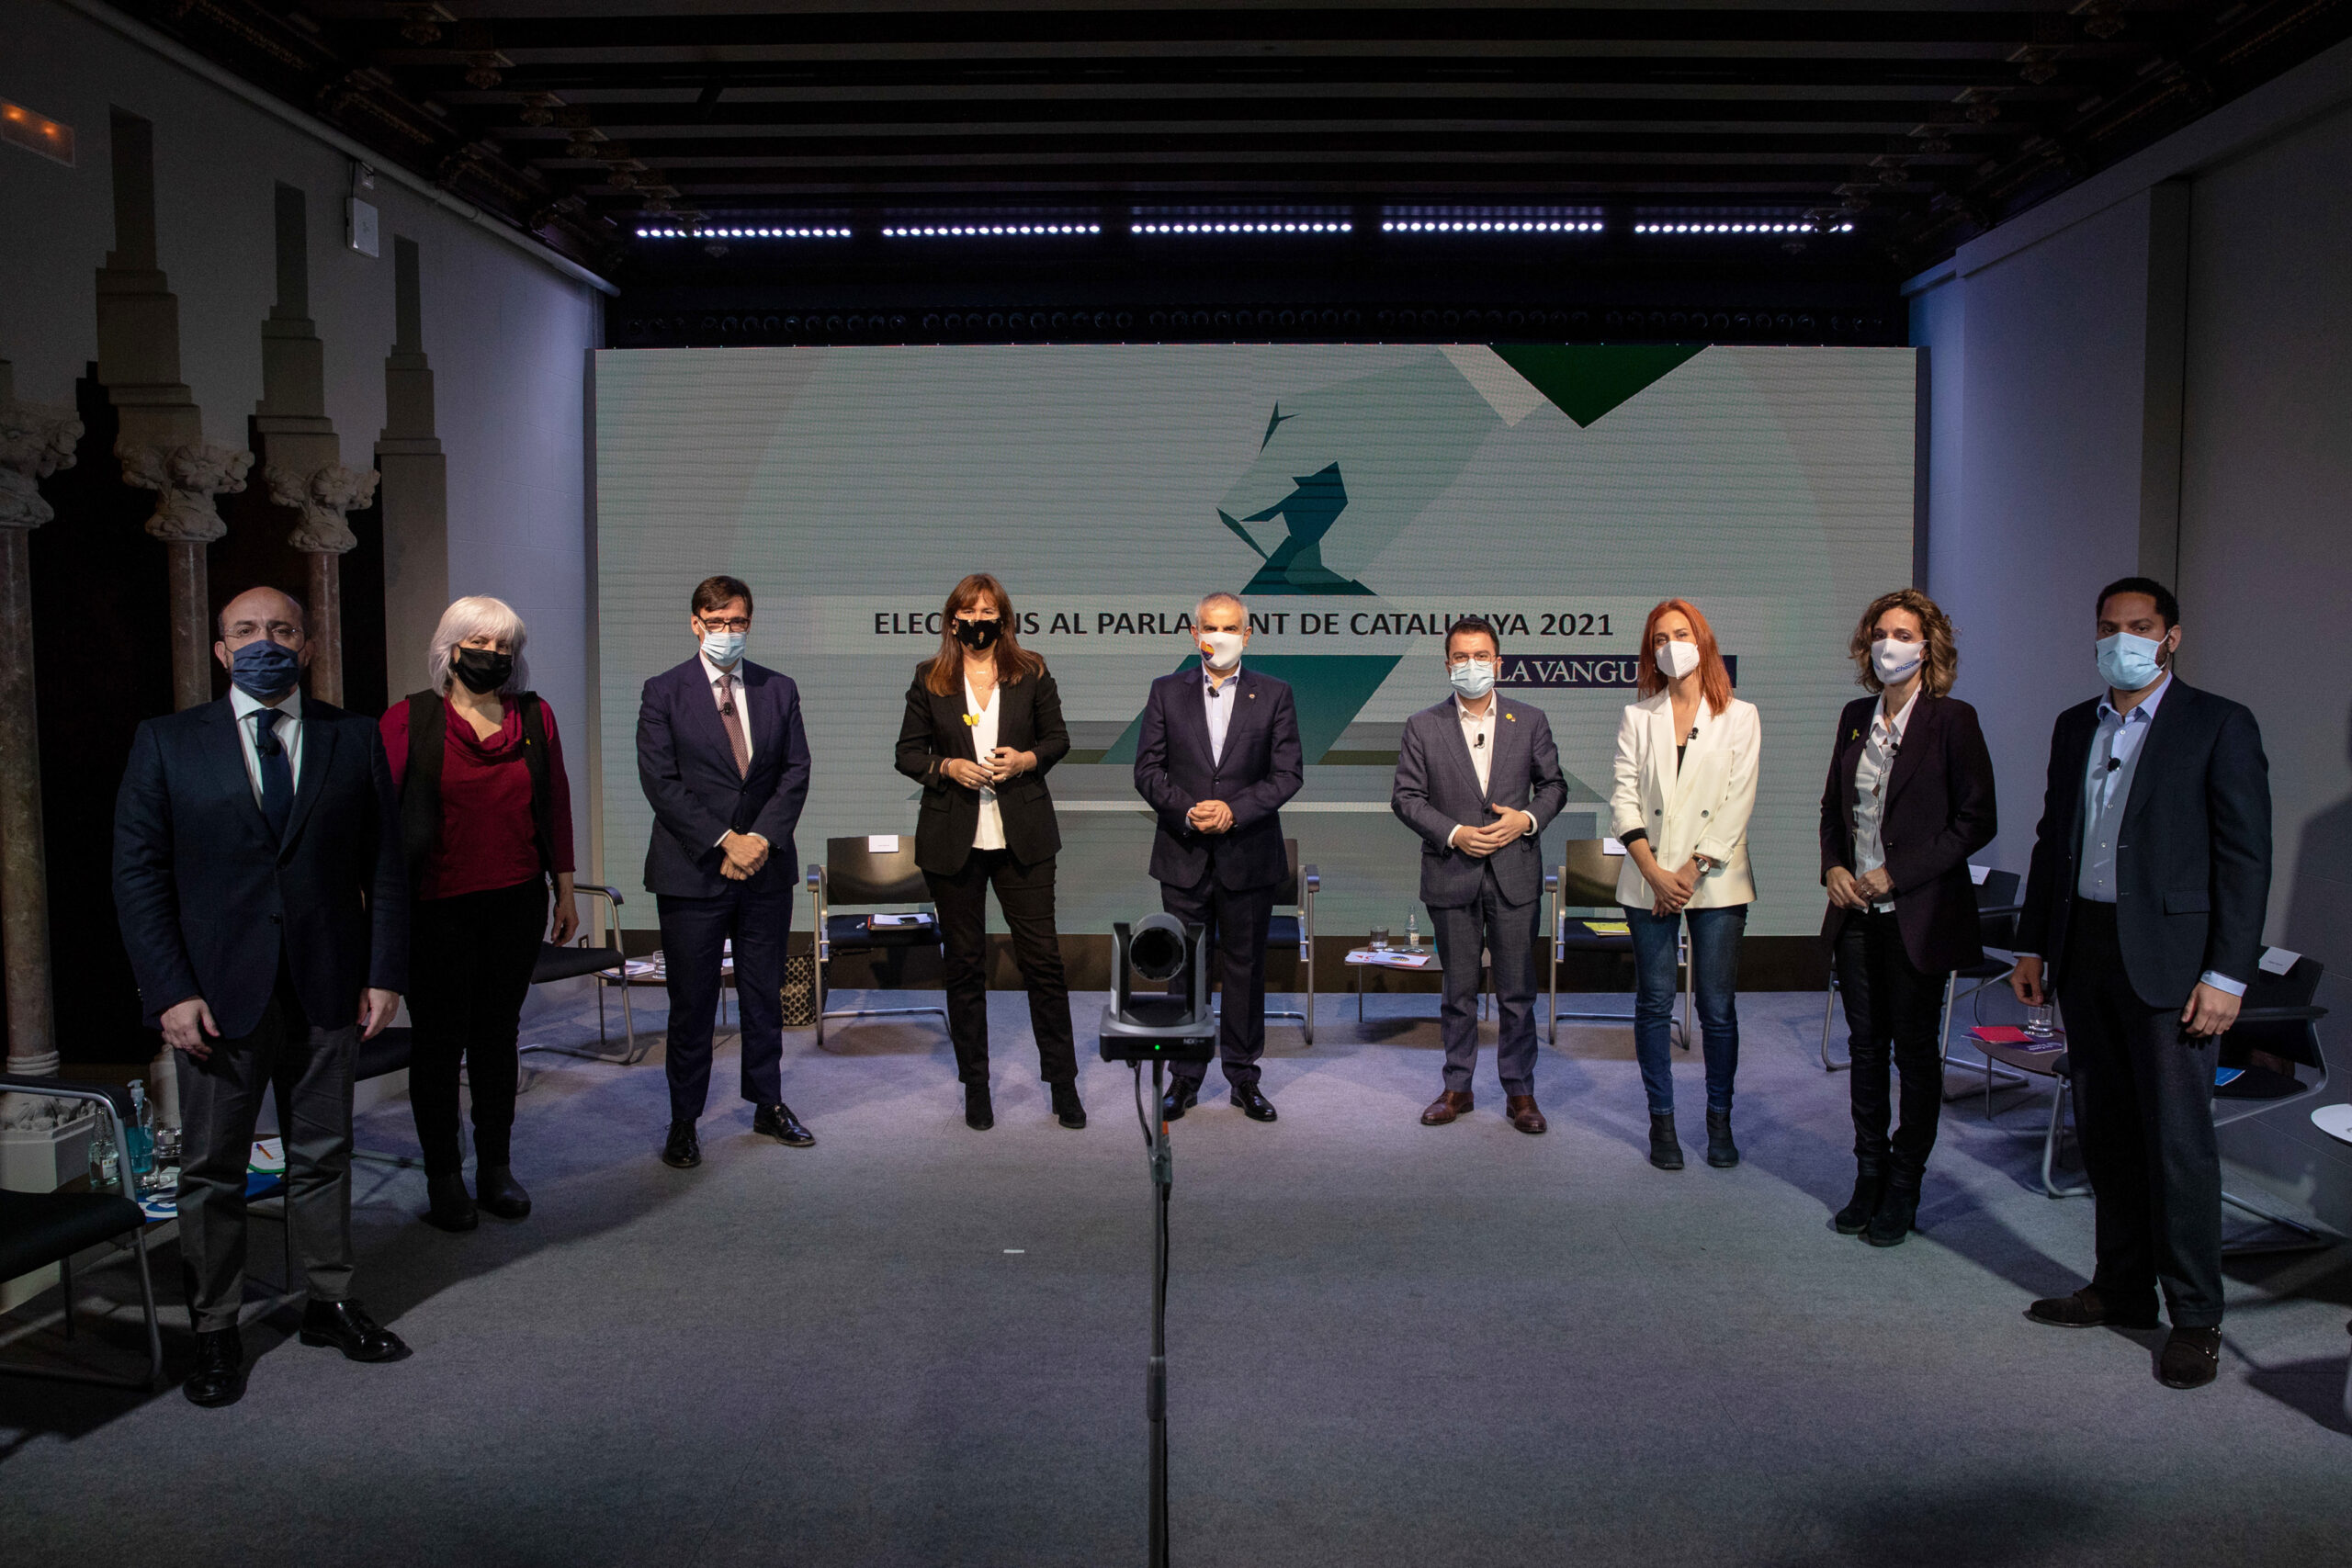 Pla general de tots els candidats i candidates a les eleccions del 14-F, organitzat per 'La Vanguardia', el 29 de gener de 2021 (Horitzontal)